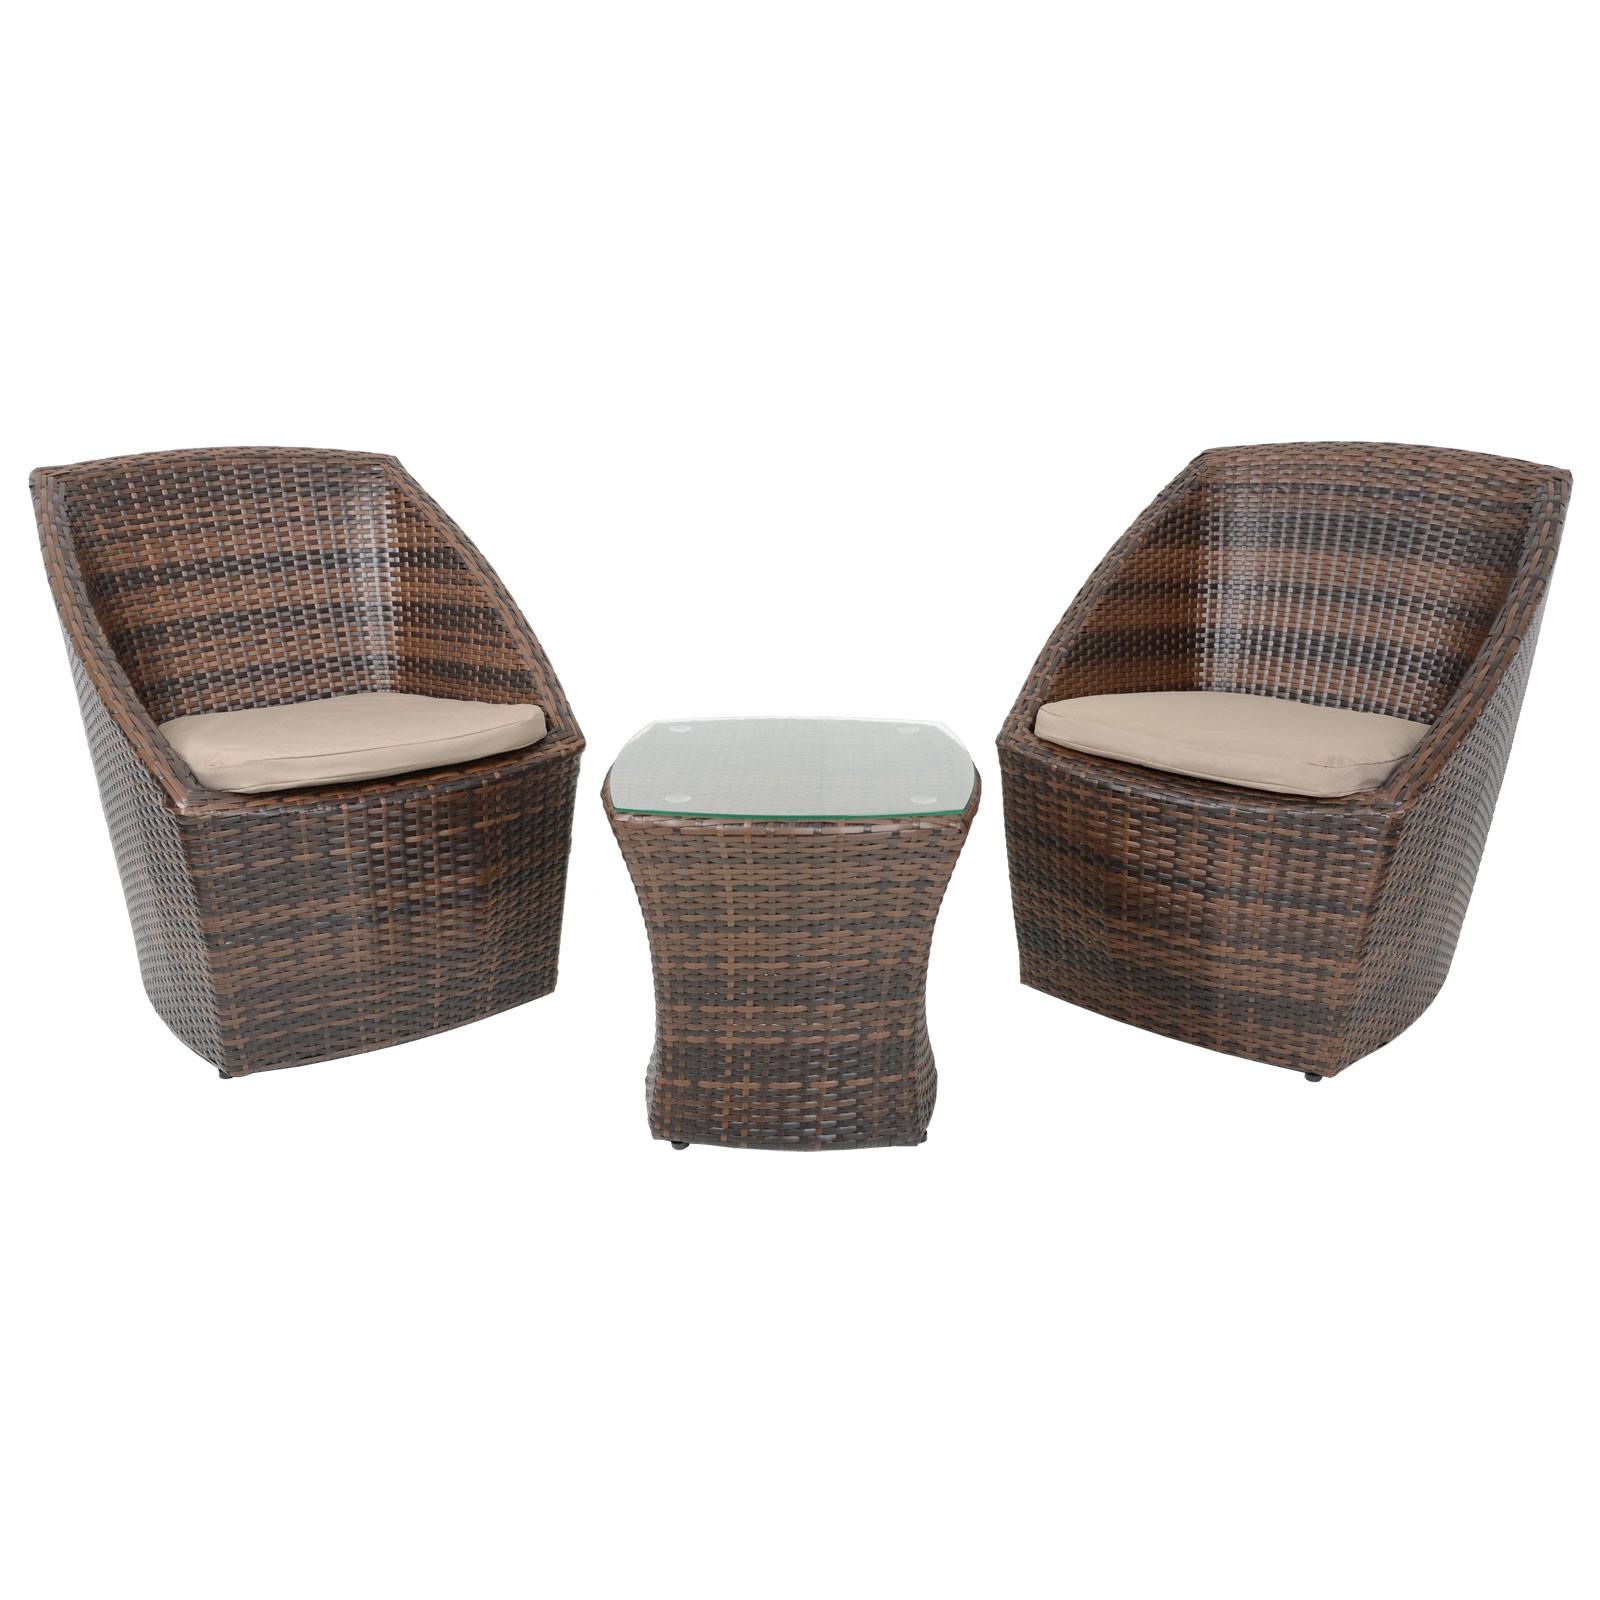 Ebay Australia Rattan Coffee Table: Lazio Rattan Wicker Garden Furniture Bistro Set With